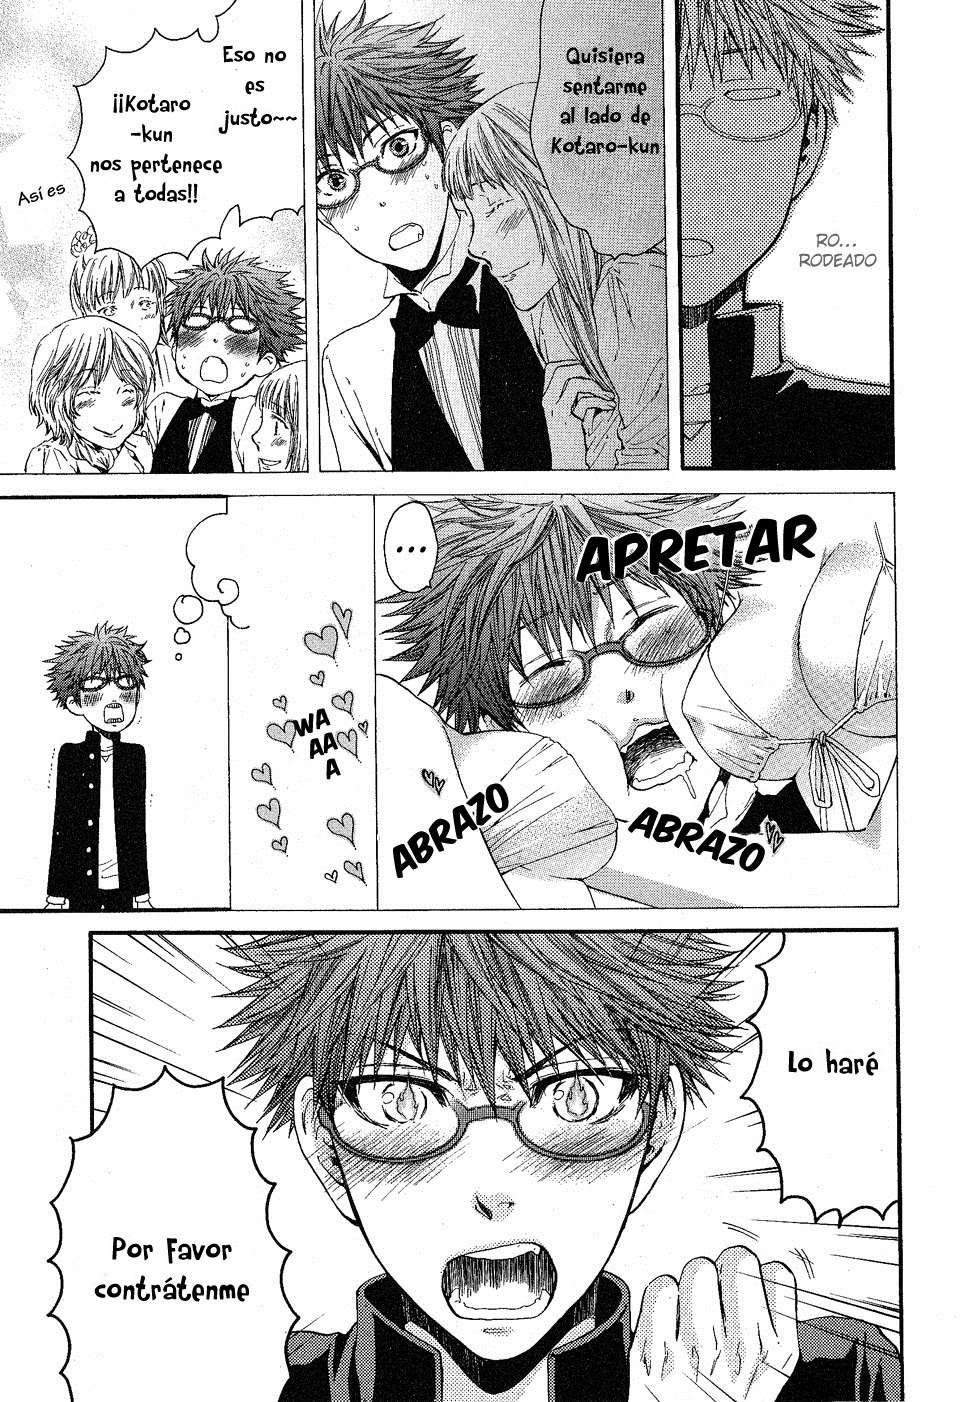 https://c5.ninemanga.com/es_manga/6/15814/378262/ad40dc3cb1f8f6b6cf70fcdfd6c44a9c.jpg Page 43